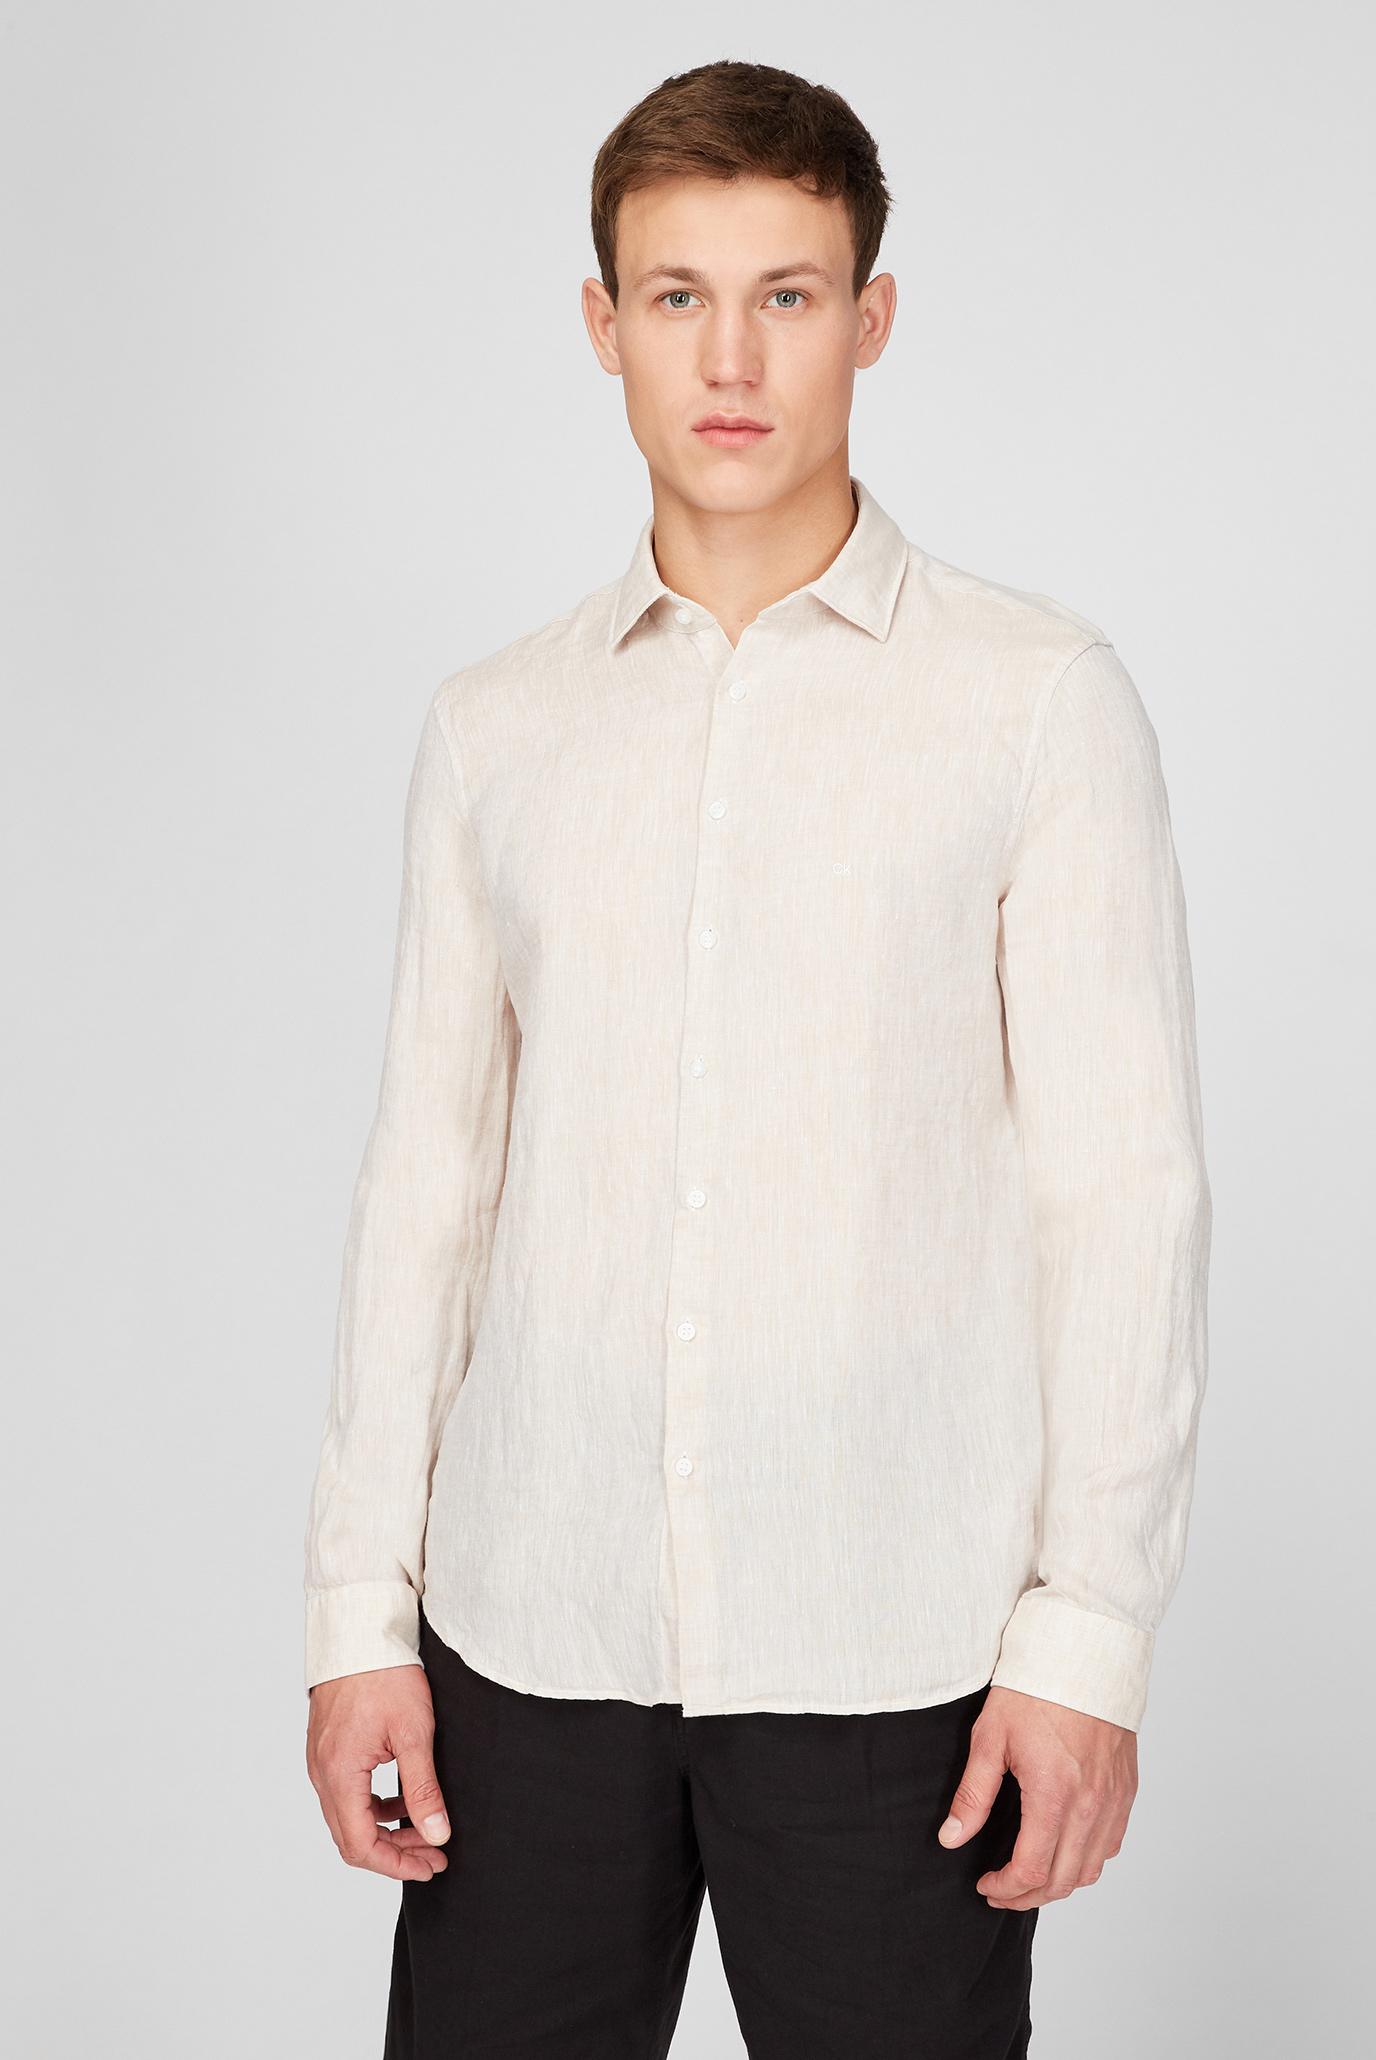 Мужская светло-бежевая льнянаня рубашка 1